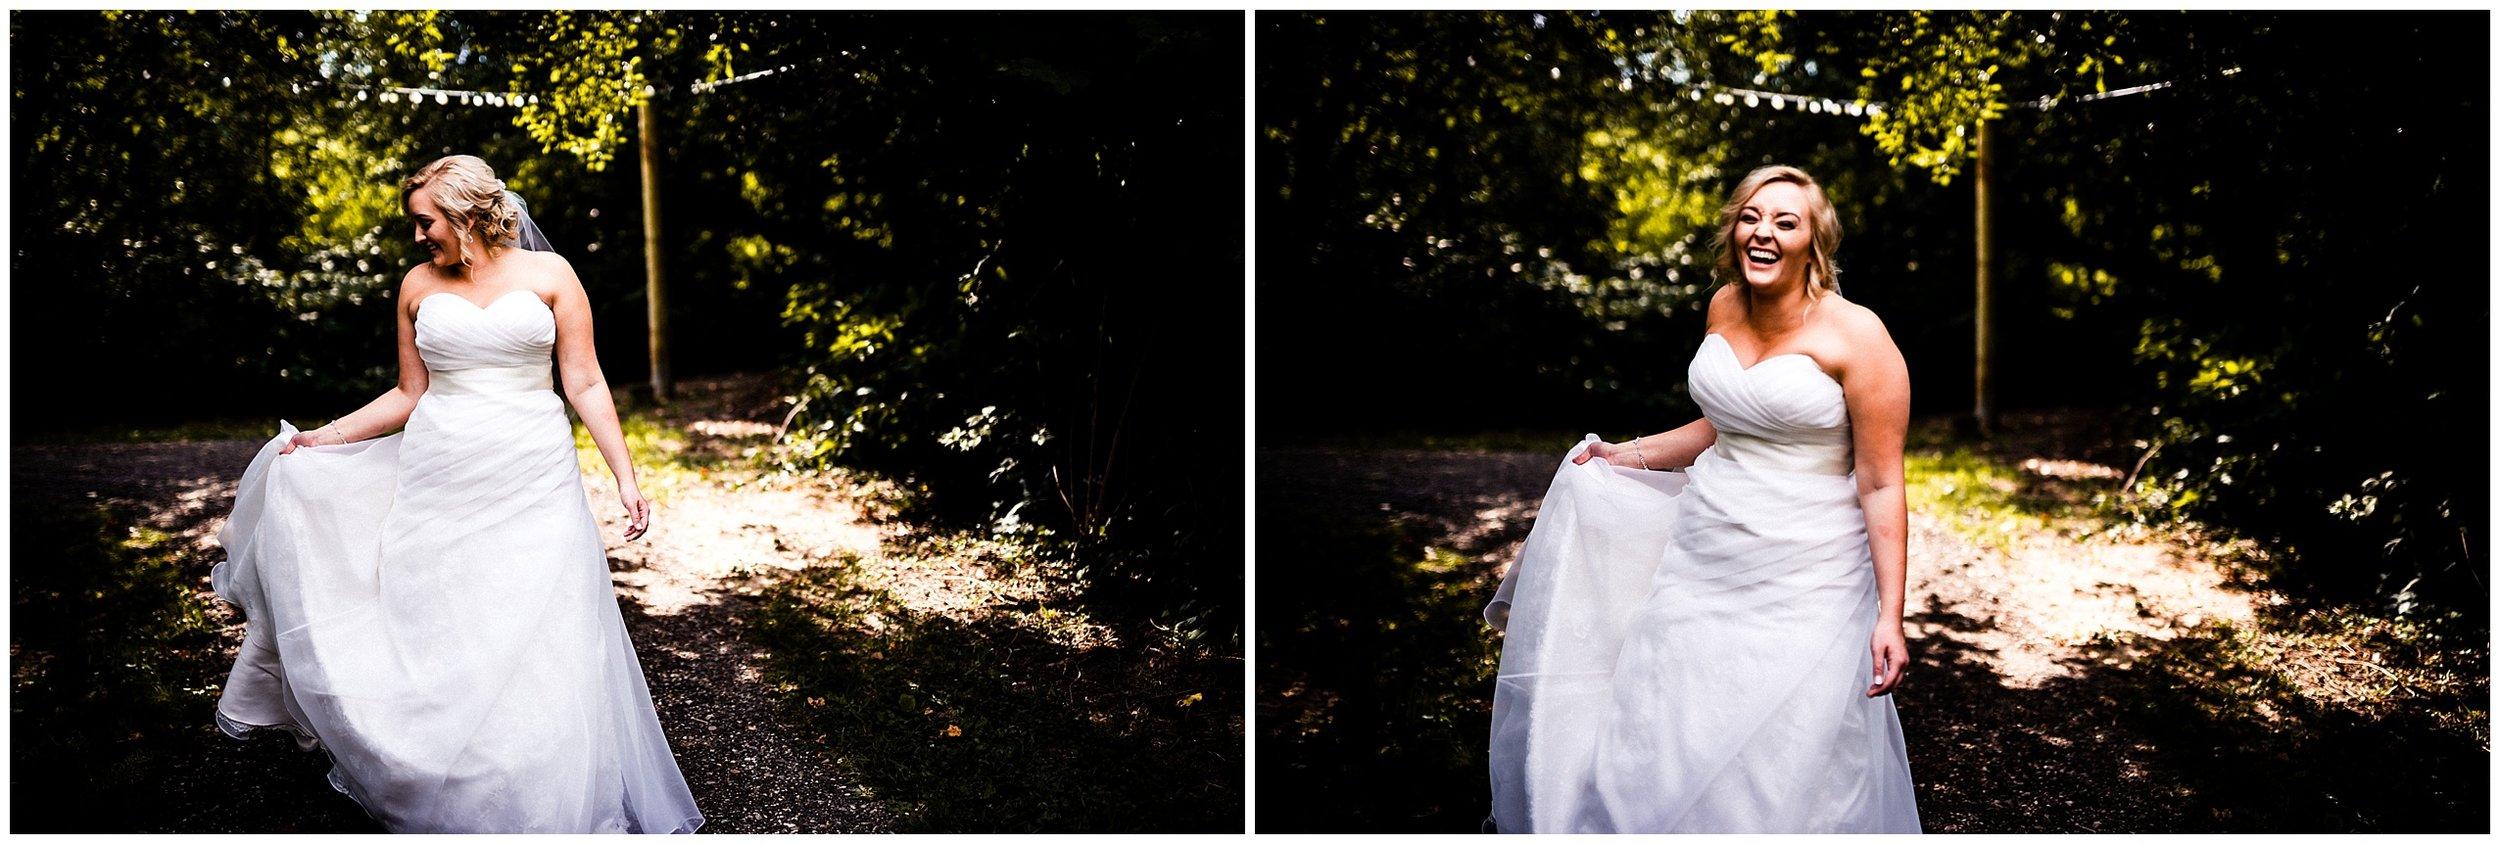 Nate + Rachel | Just Married  #kyleepaigephotography_0606.jpg